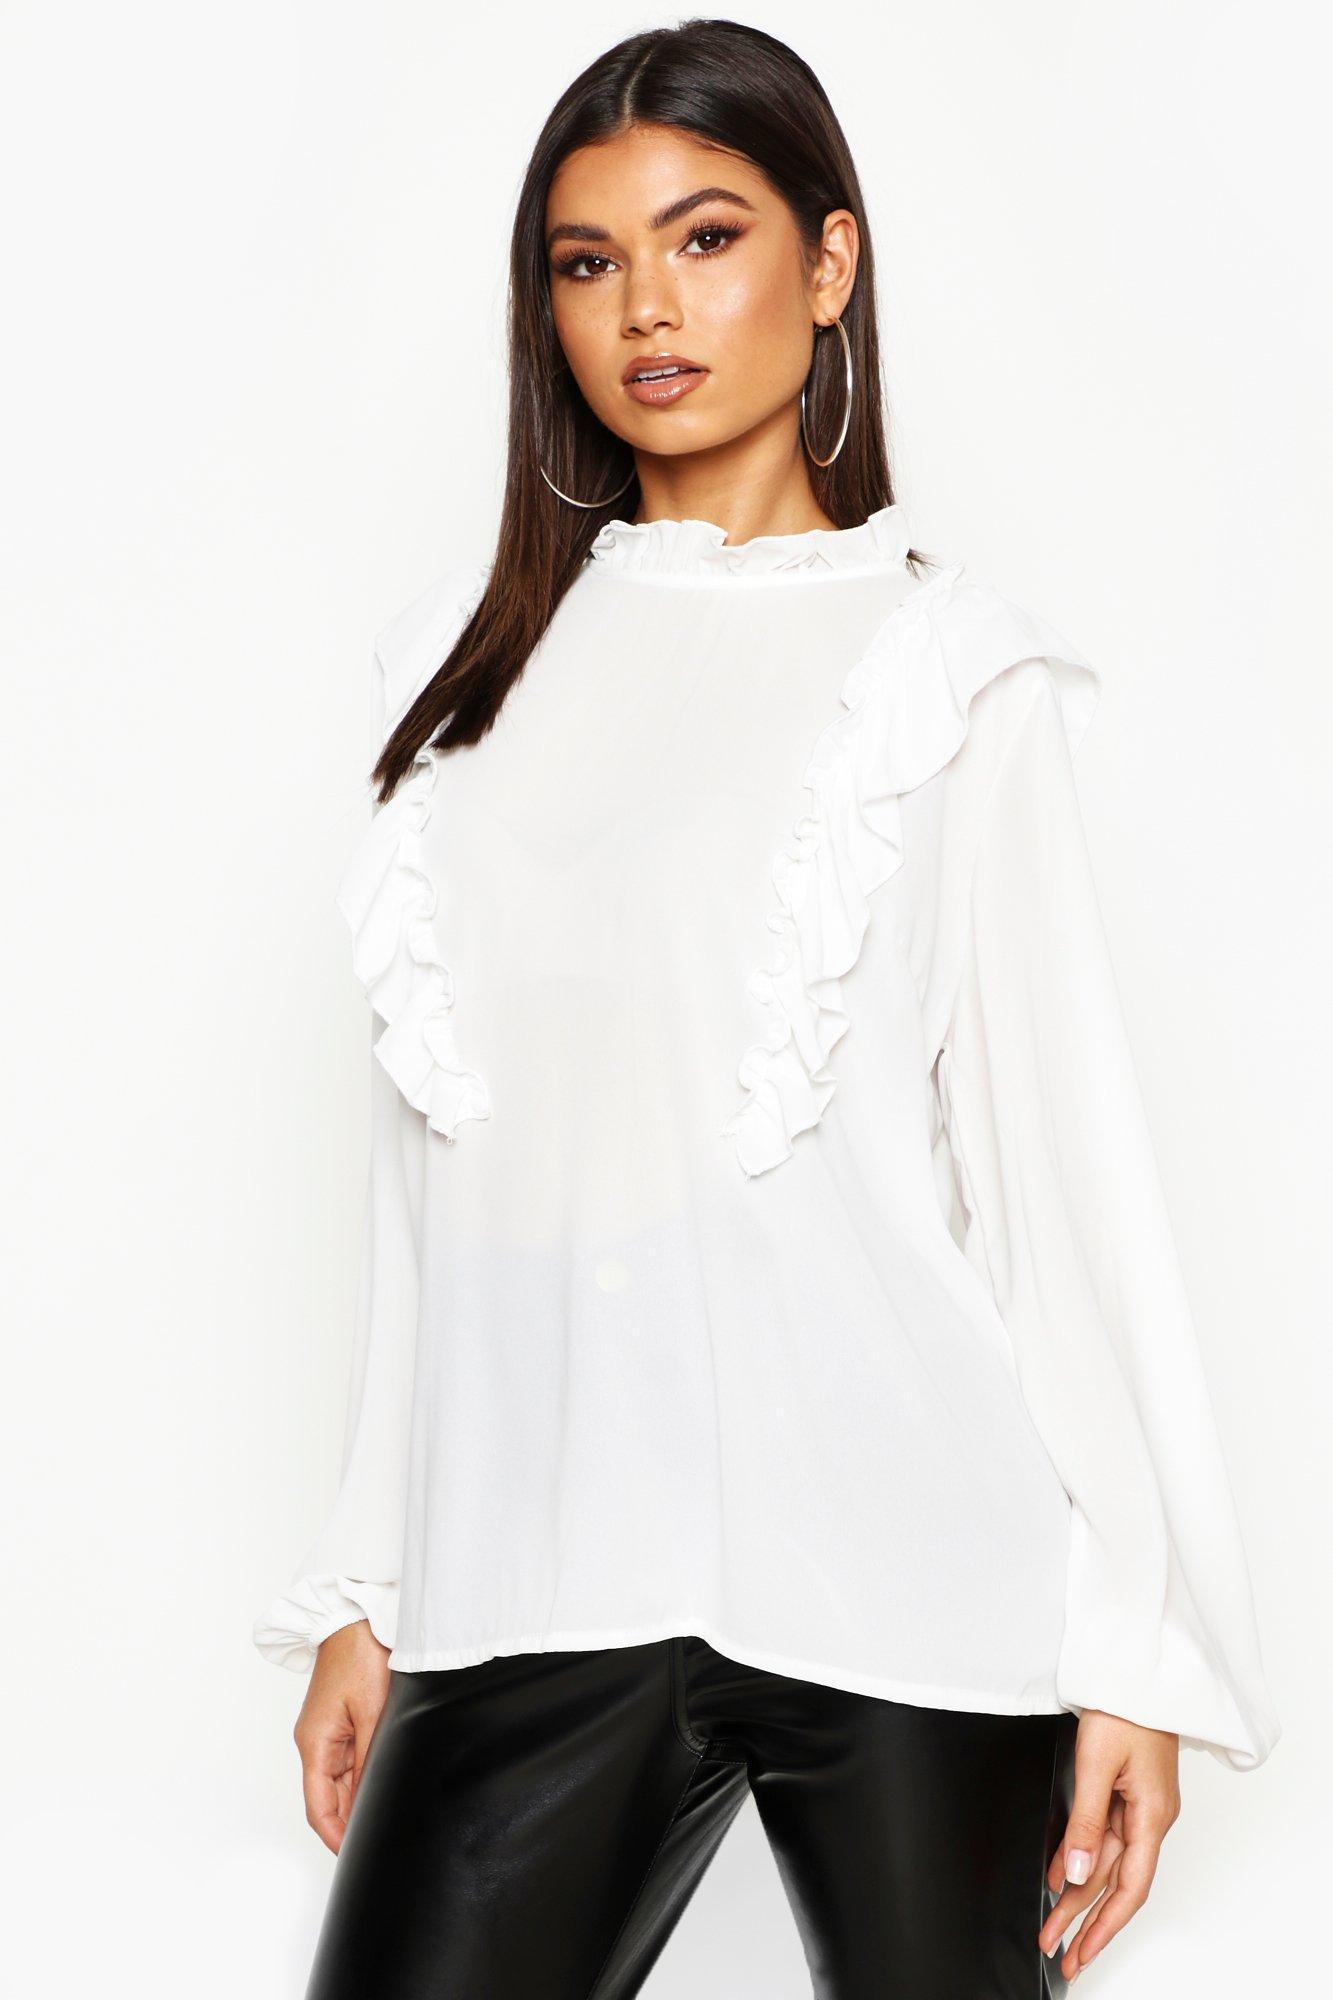 Womens Bluse mit Rüschendetail - Weiß - M, Weiß - Boohoo.com